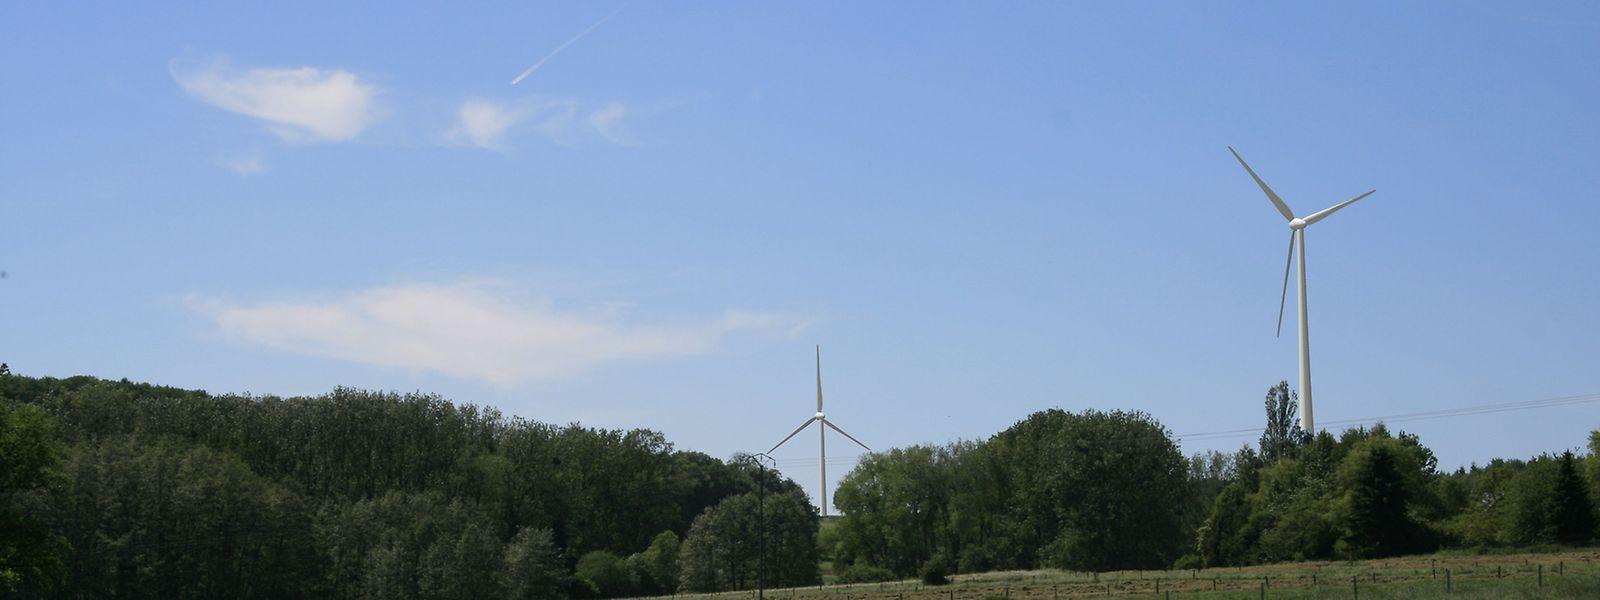 """So könnte die Landschaft mit Blick von Garnich aus in Zukunft aussehen. Auf dieser Fotomontage entsprechen die zwei Windräder dem Modell """"E115""""."""